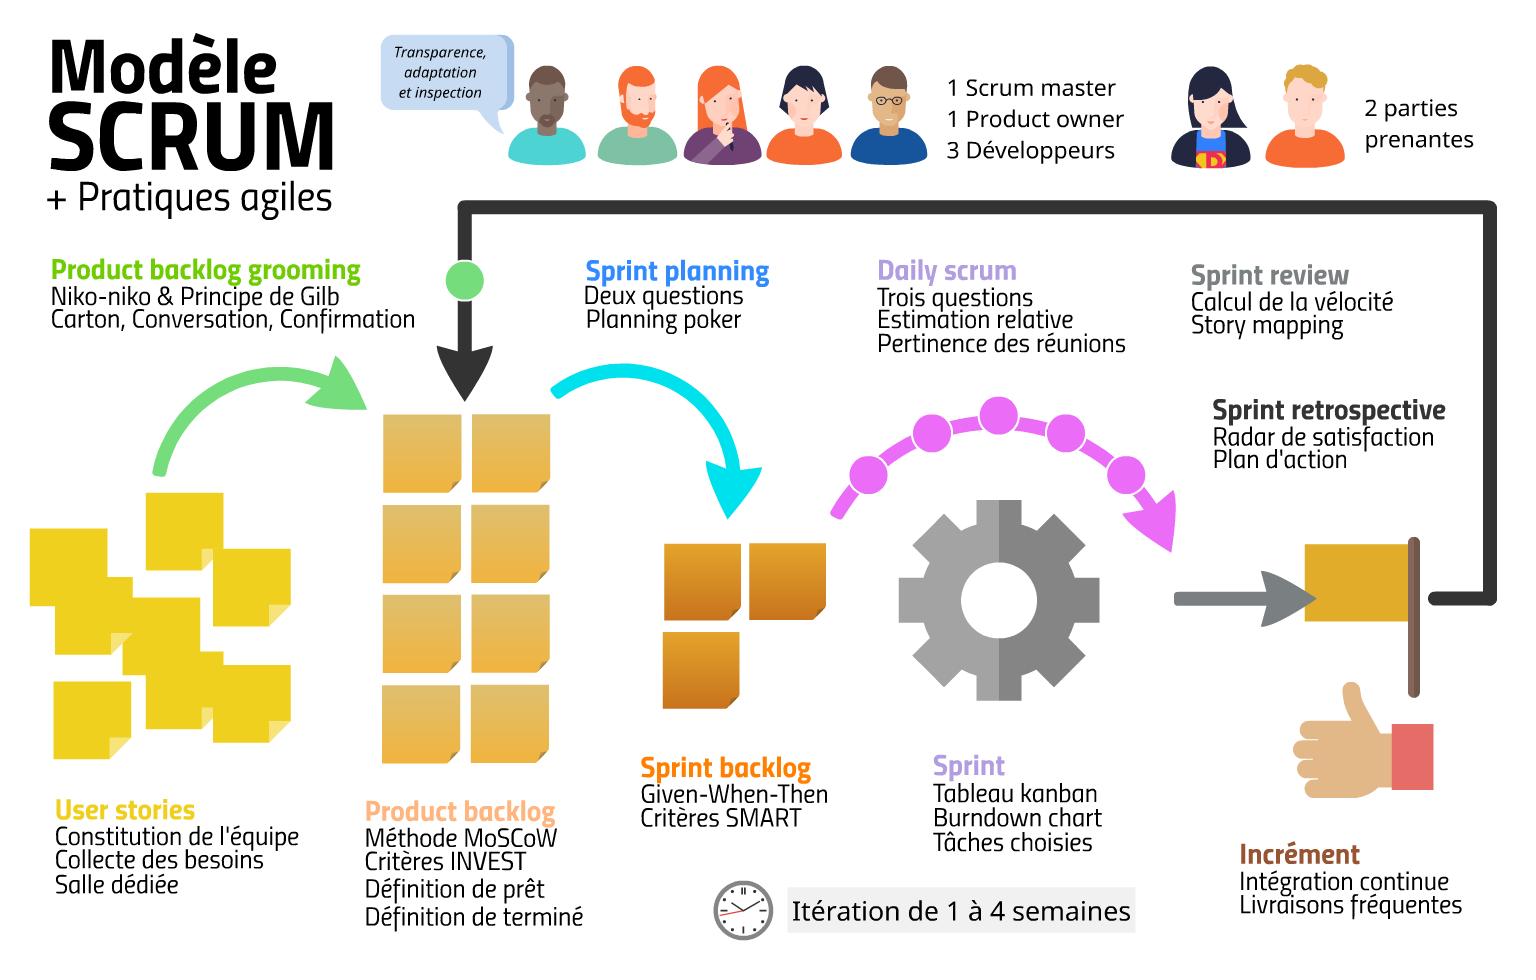 Mon infographie du modèle Scrum